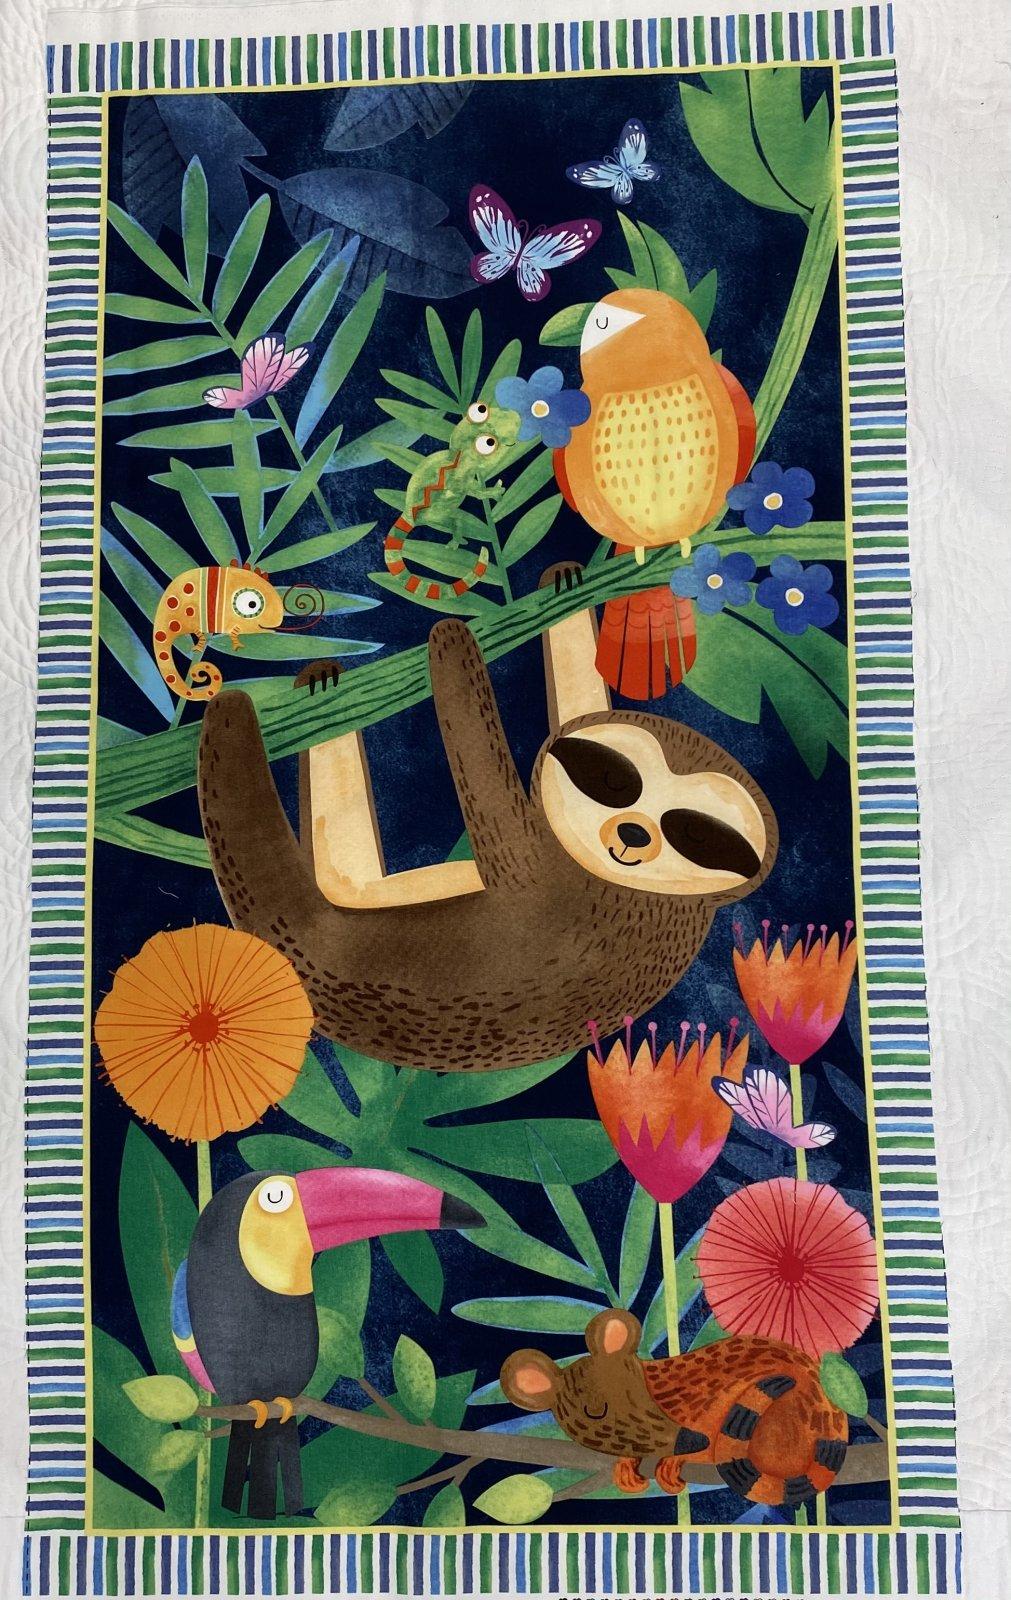 Sloth Panel